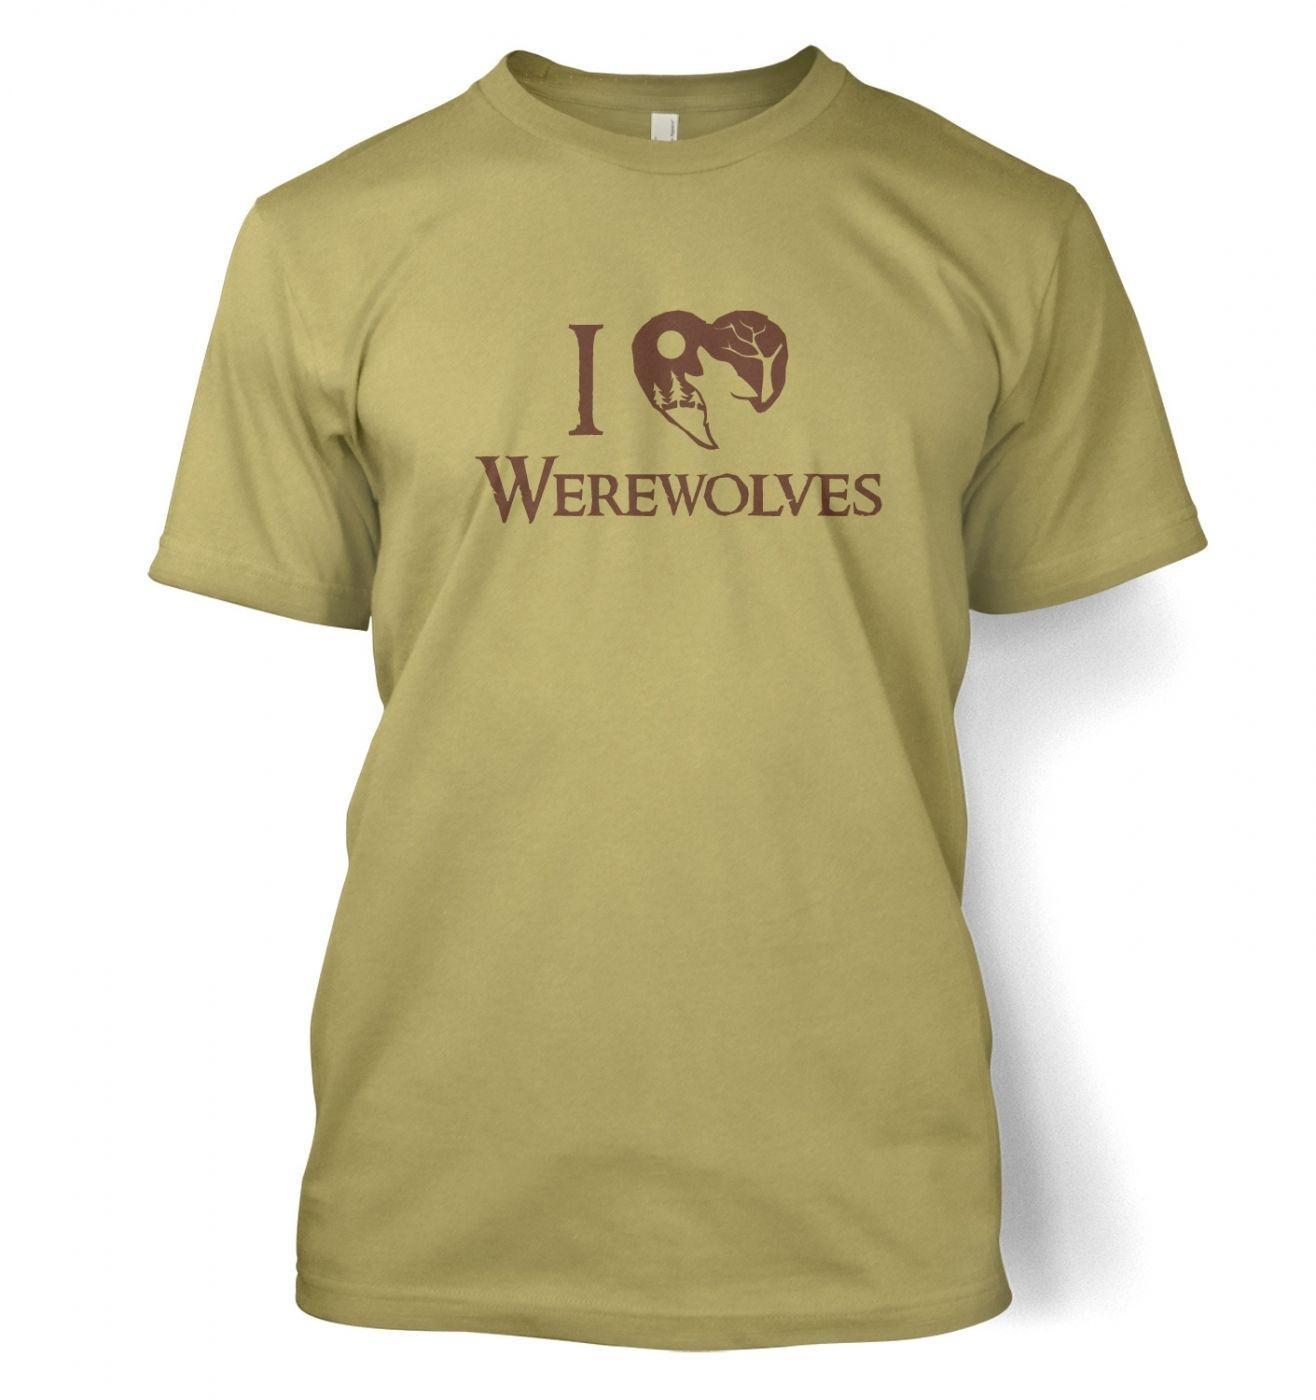 I heart werewolves t-shirt